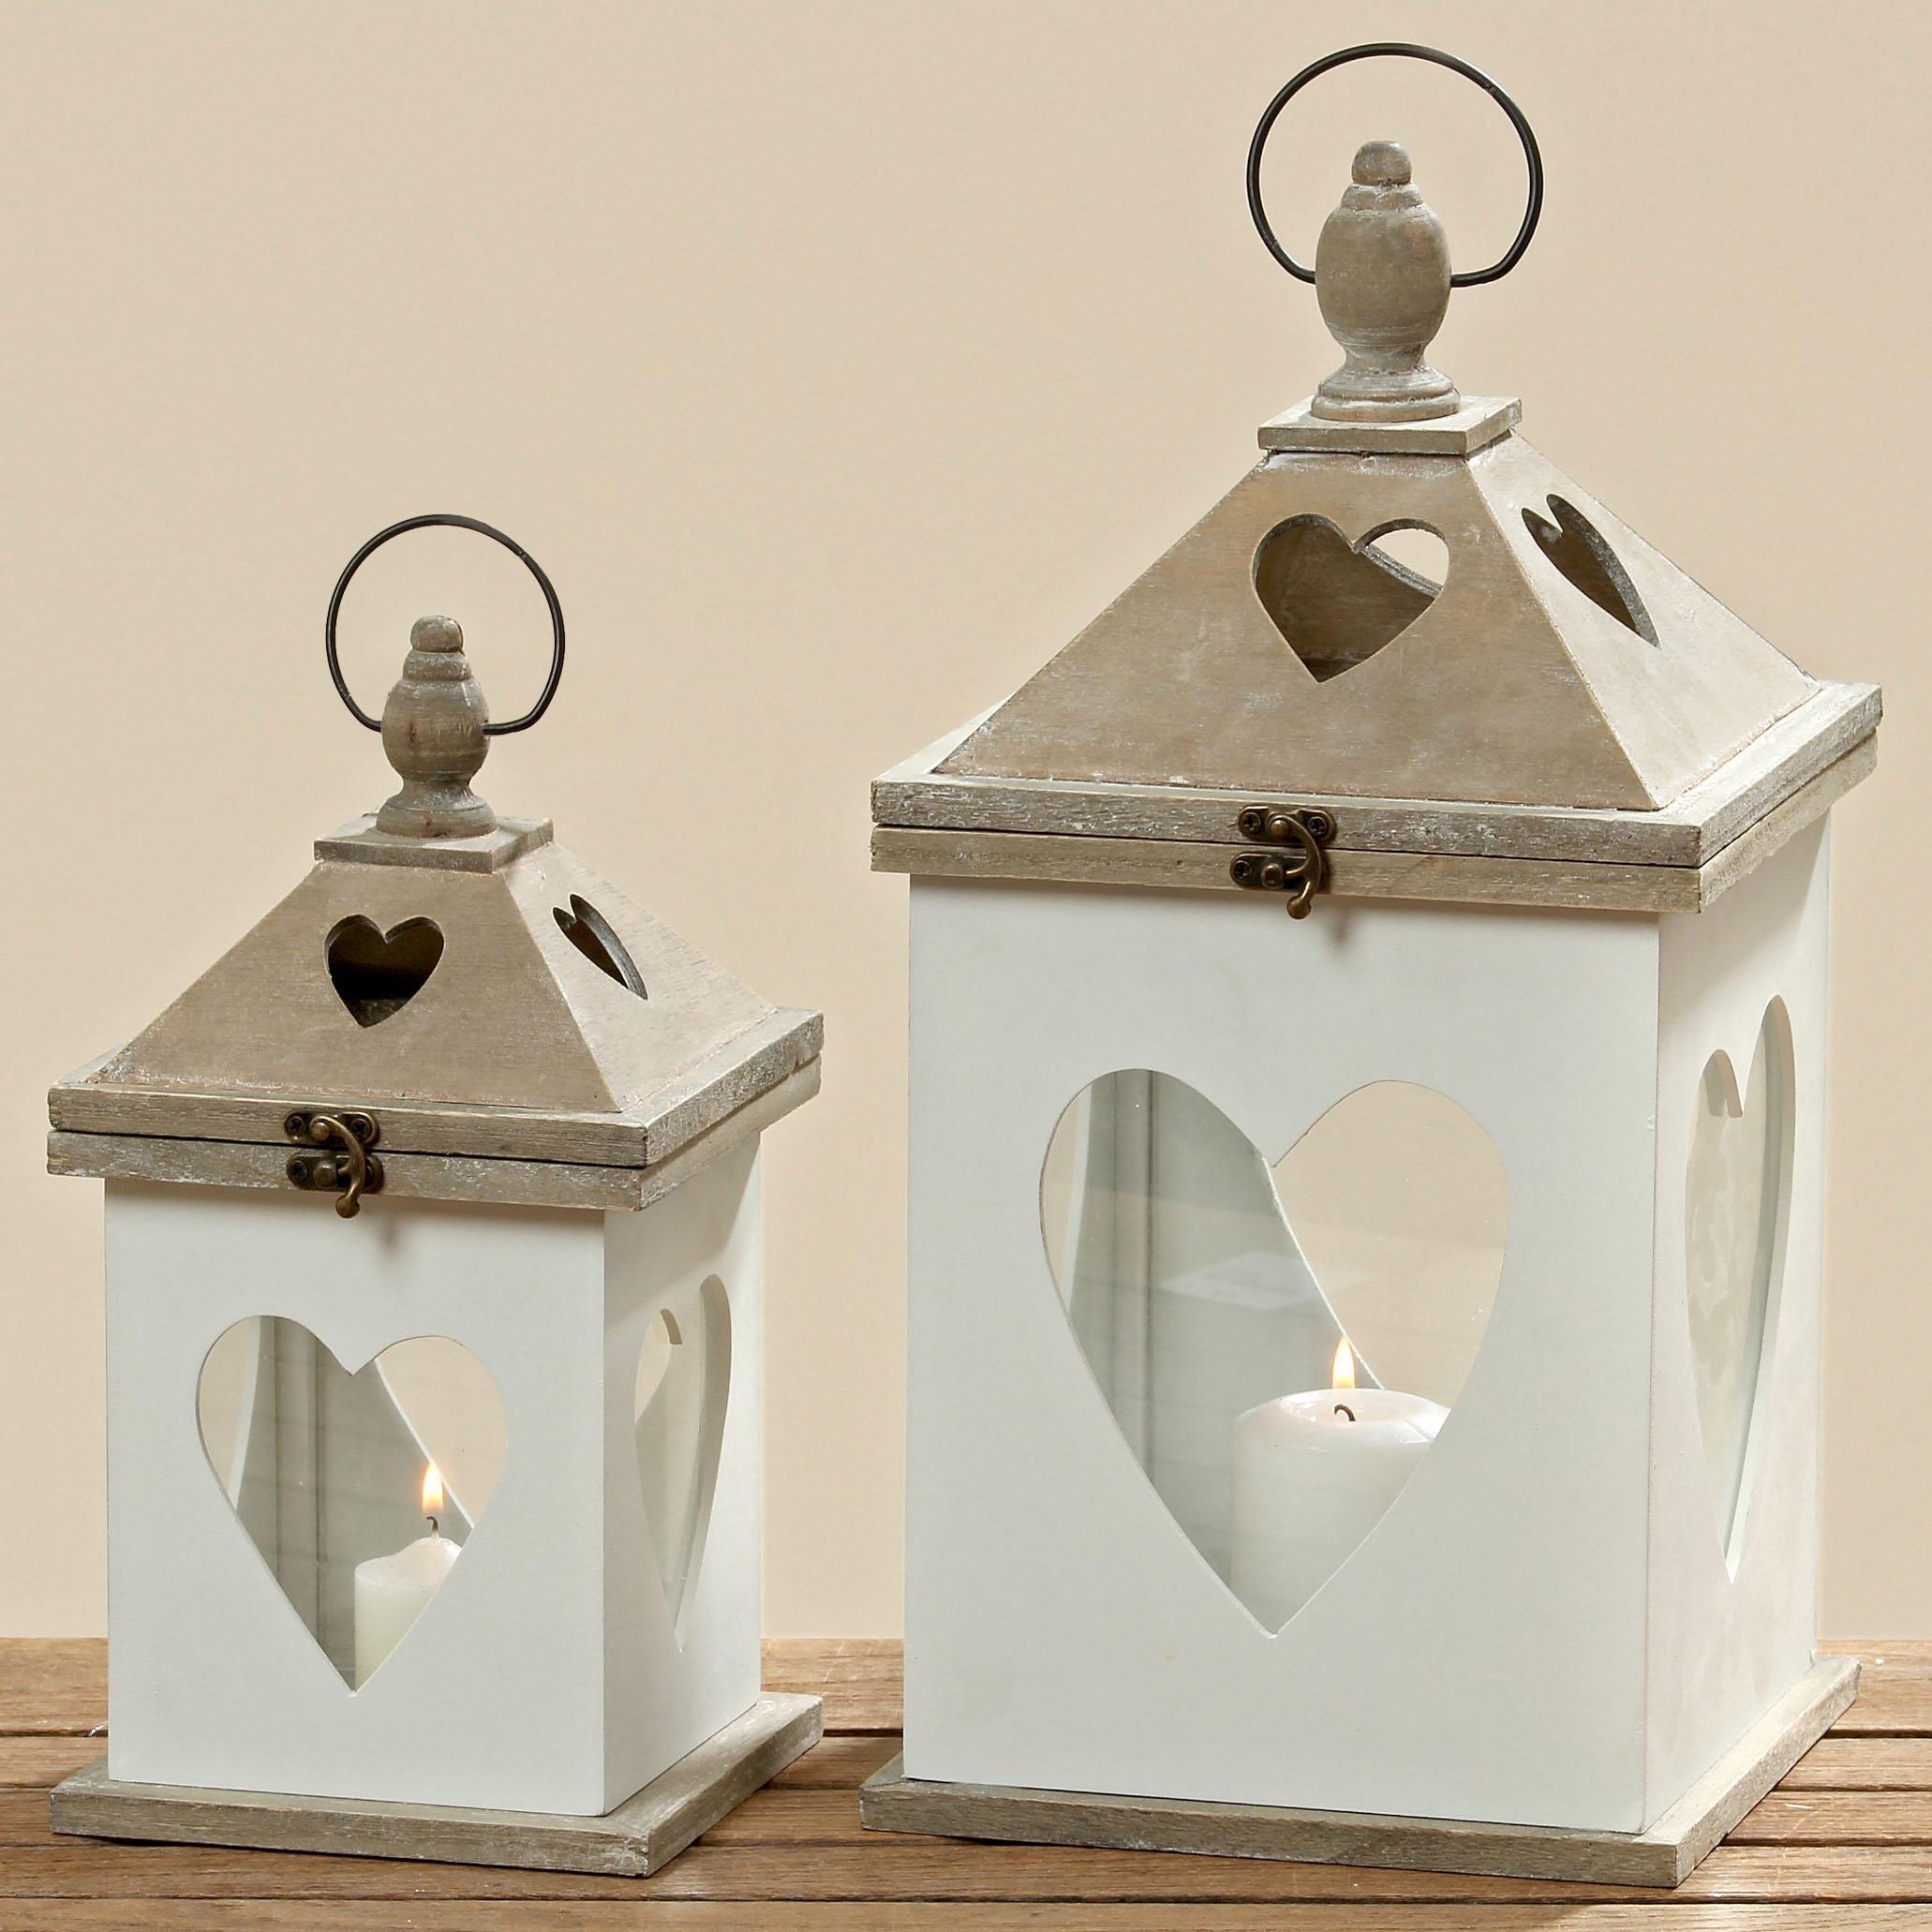 Home affaire Laterne »Tulsa« (2-tlg.) | Dekoration > Kerzen und Kerzenständer > Laternen | Home affaire